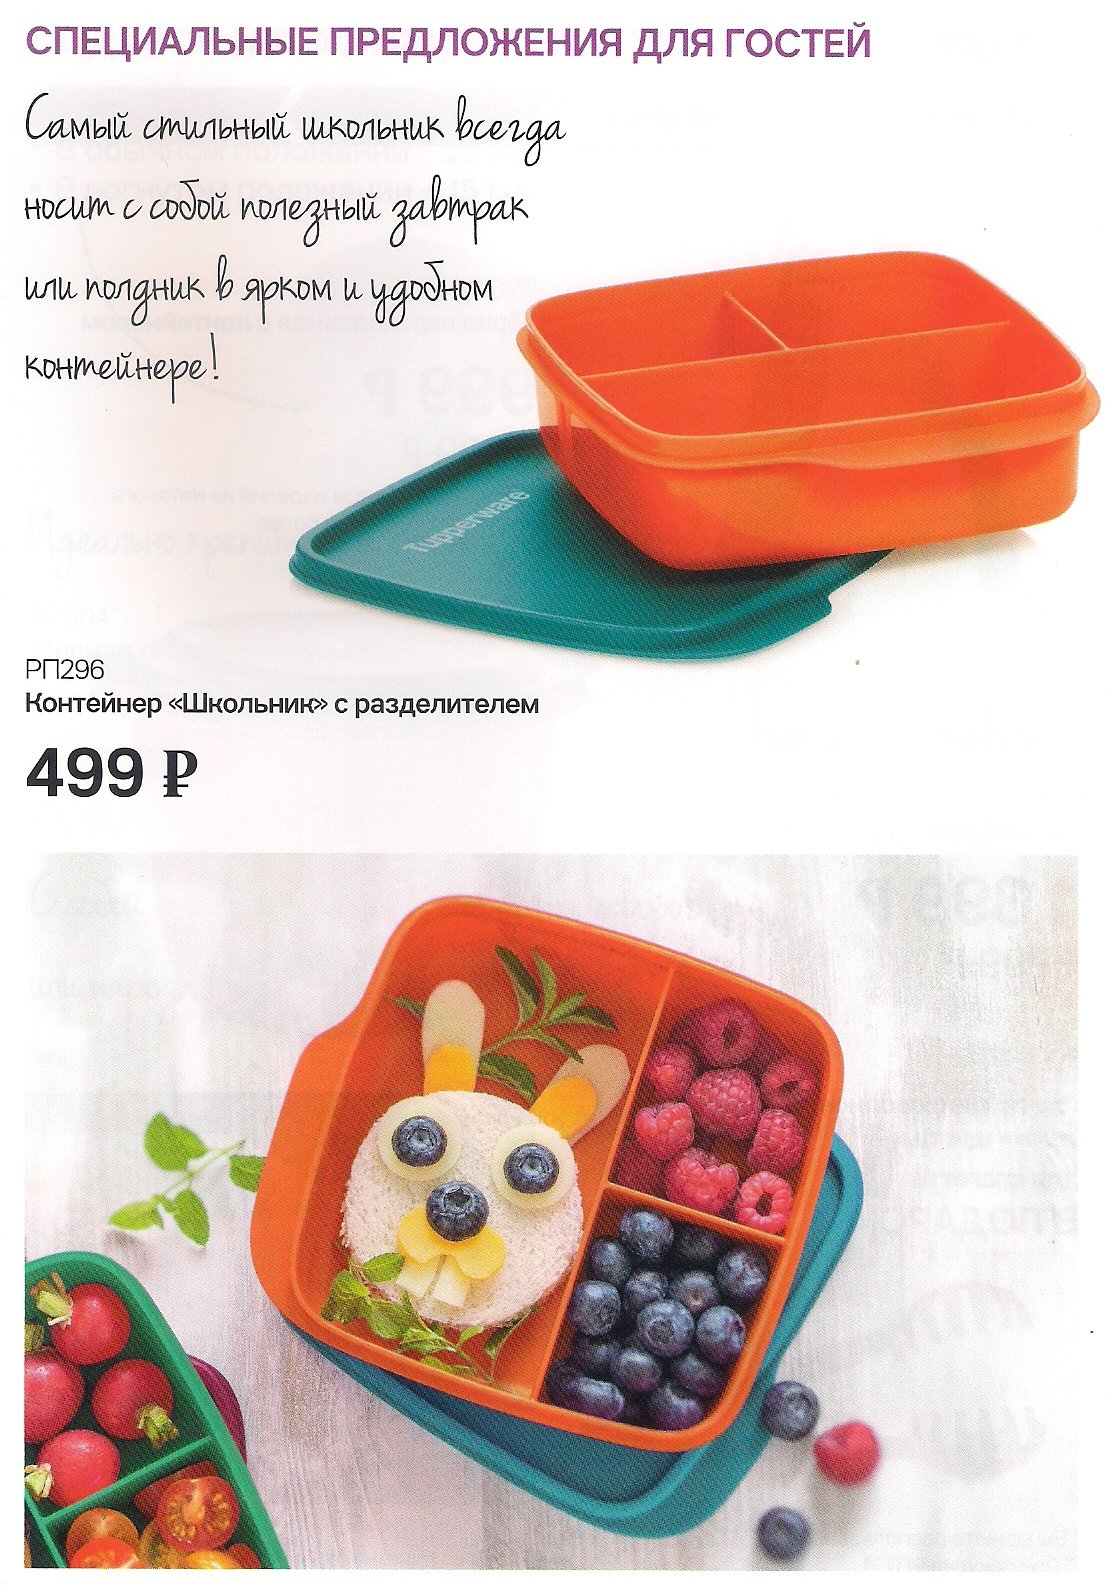 http://tupperware-online.ru/images/upload/11b.jpg